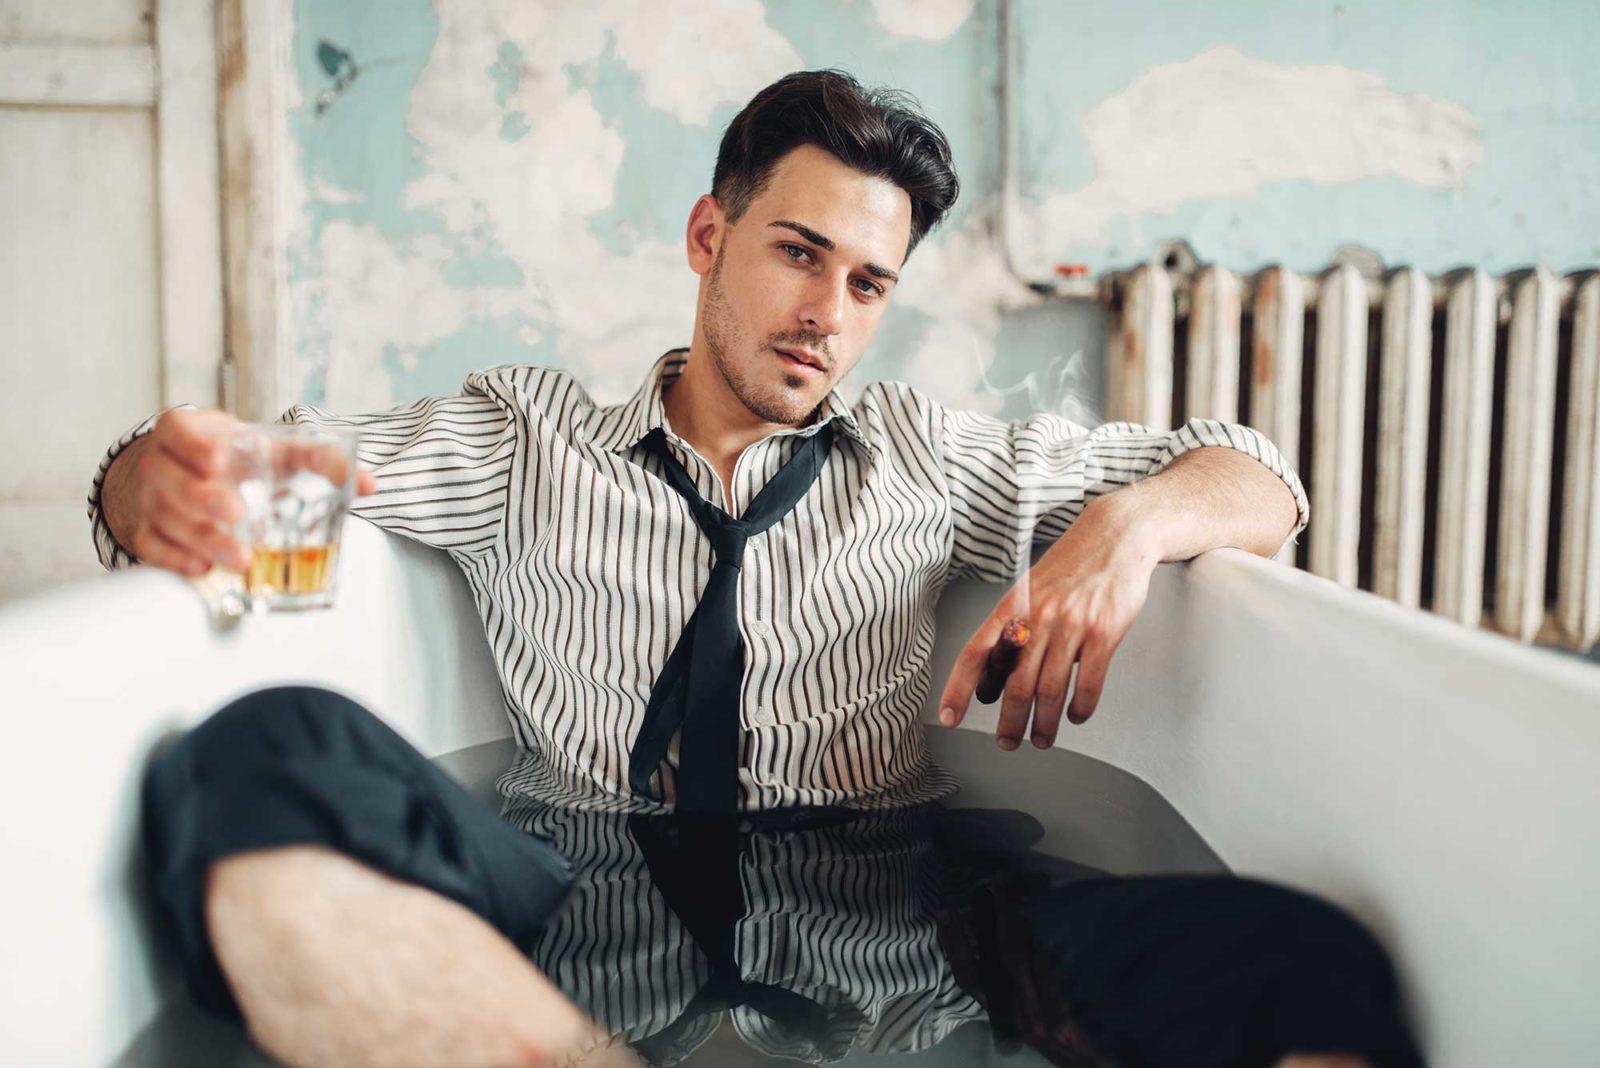 Пьяный бизнесмен в ванной